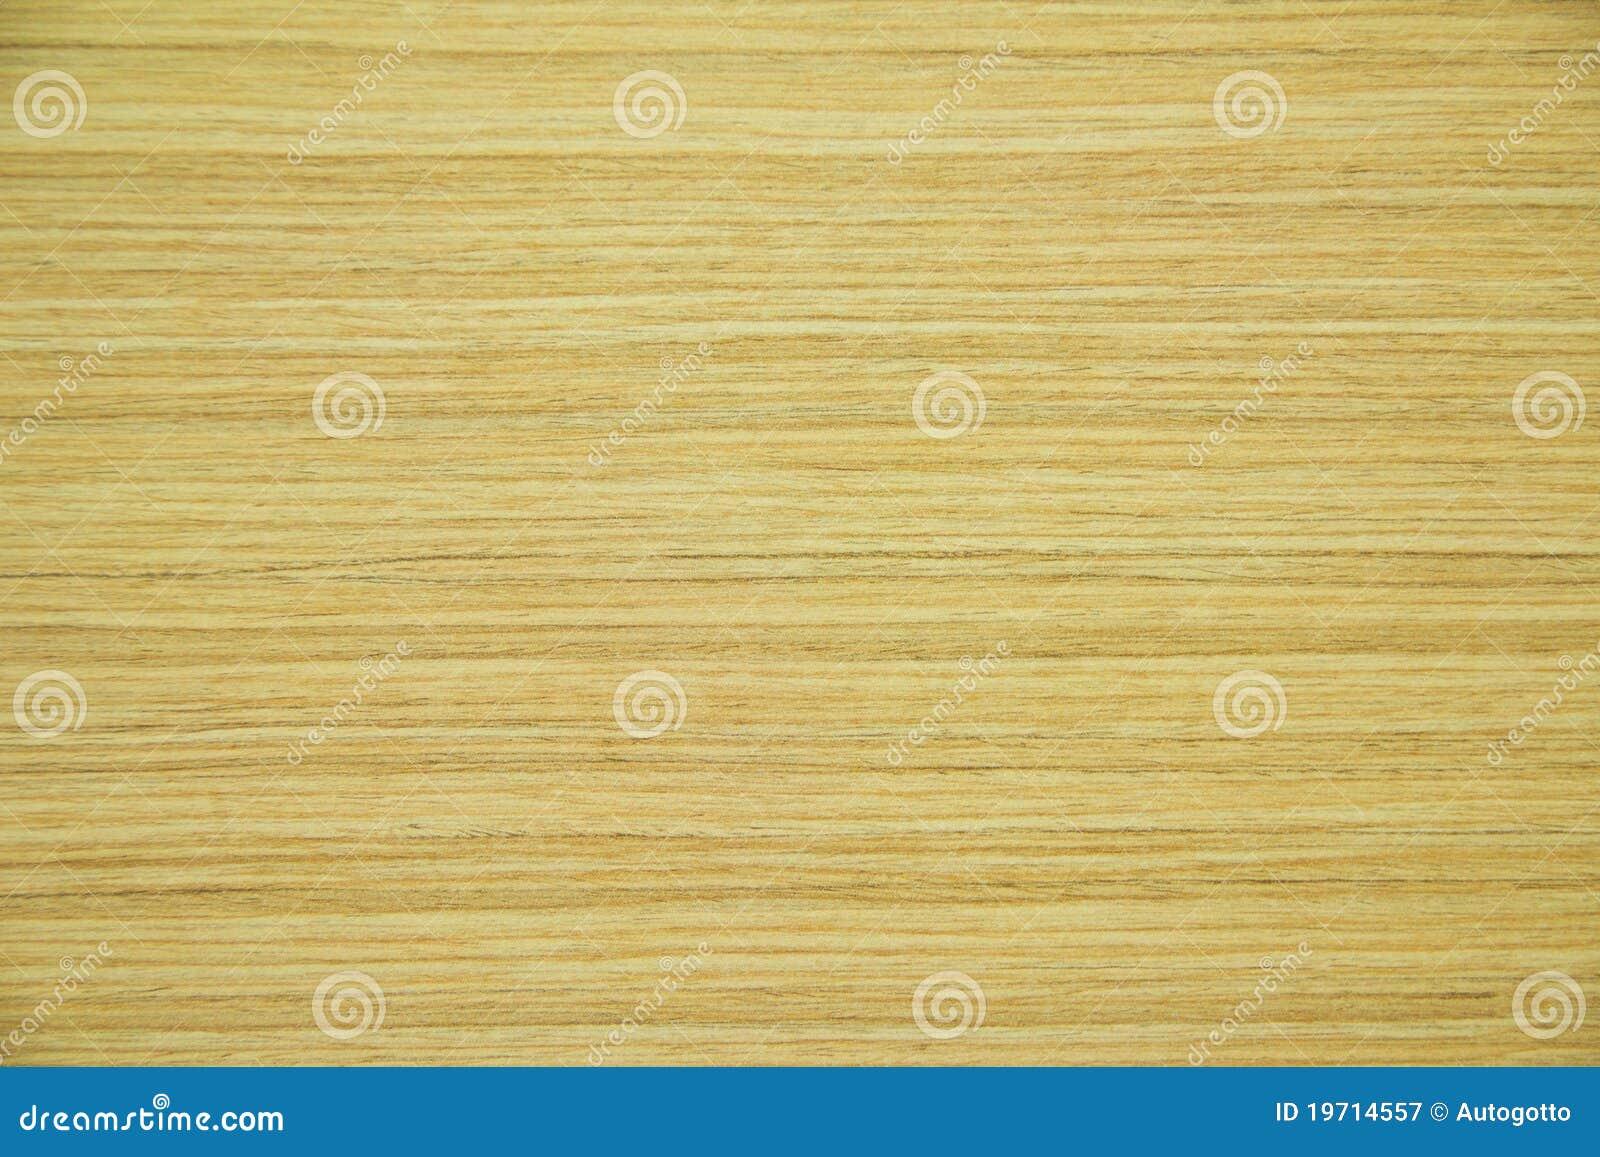 wood background royalty free - photo #18